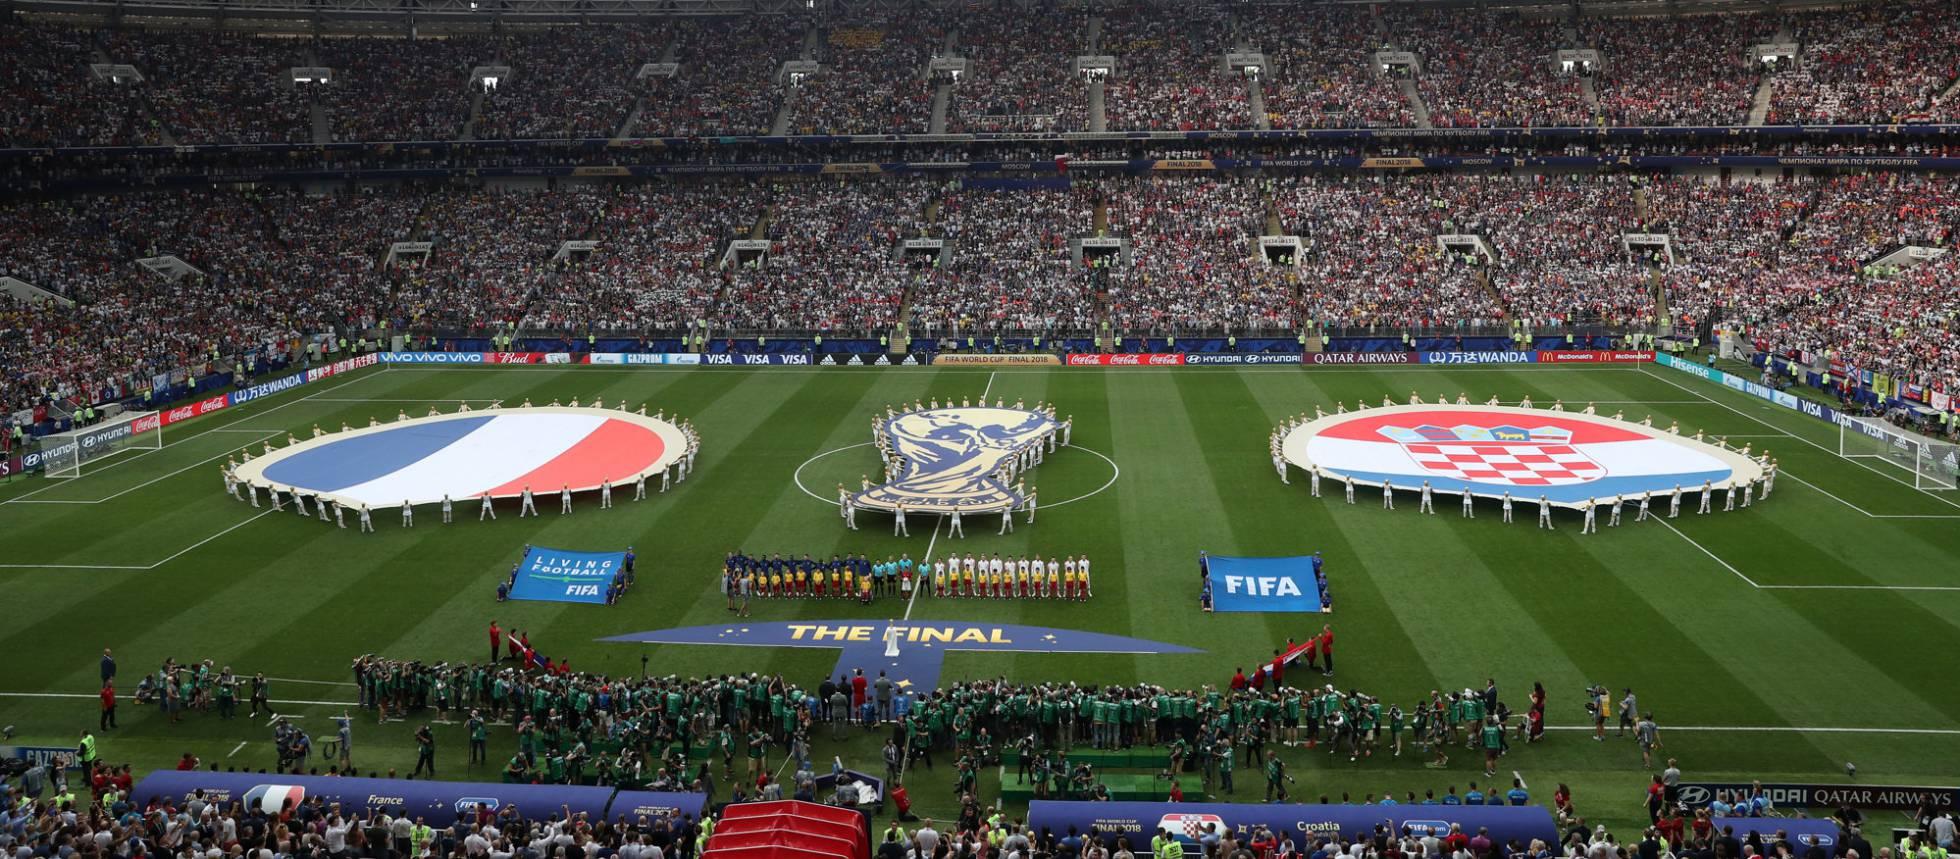 Francia Croacia La Final Del Mundial De Rusia  En Imagenes